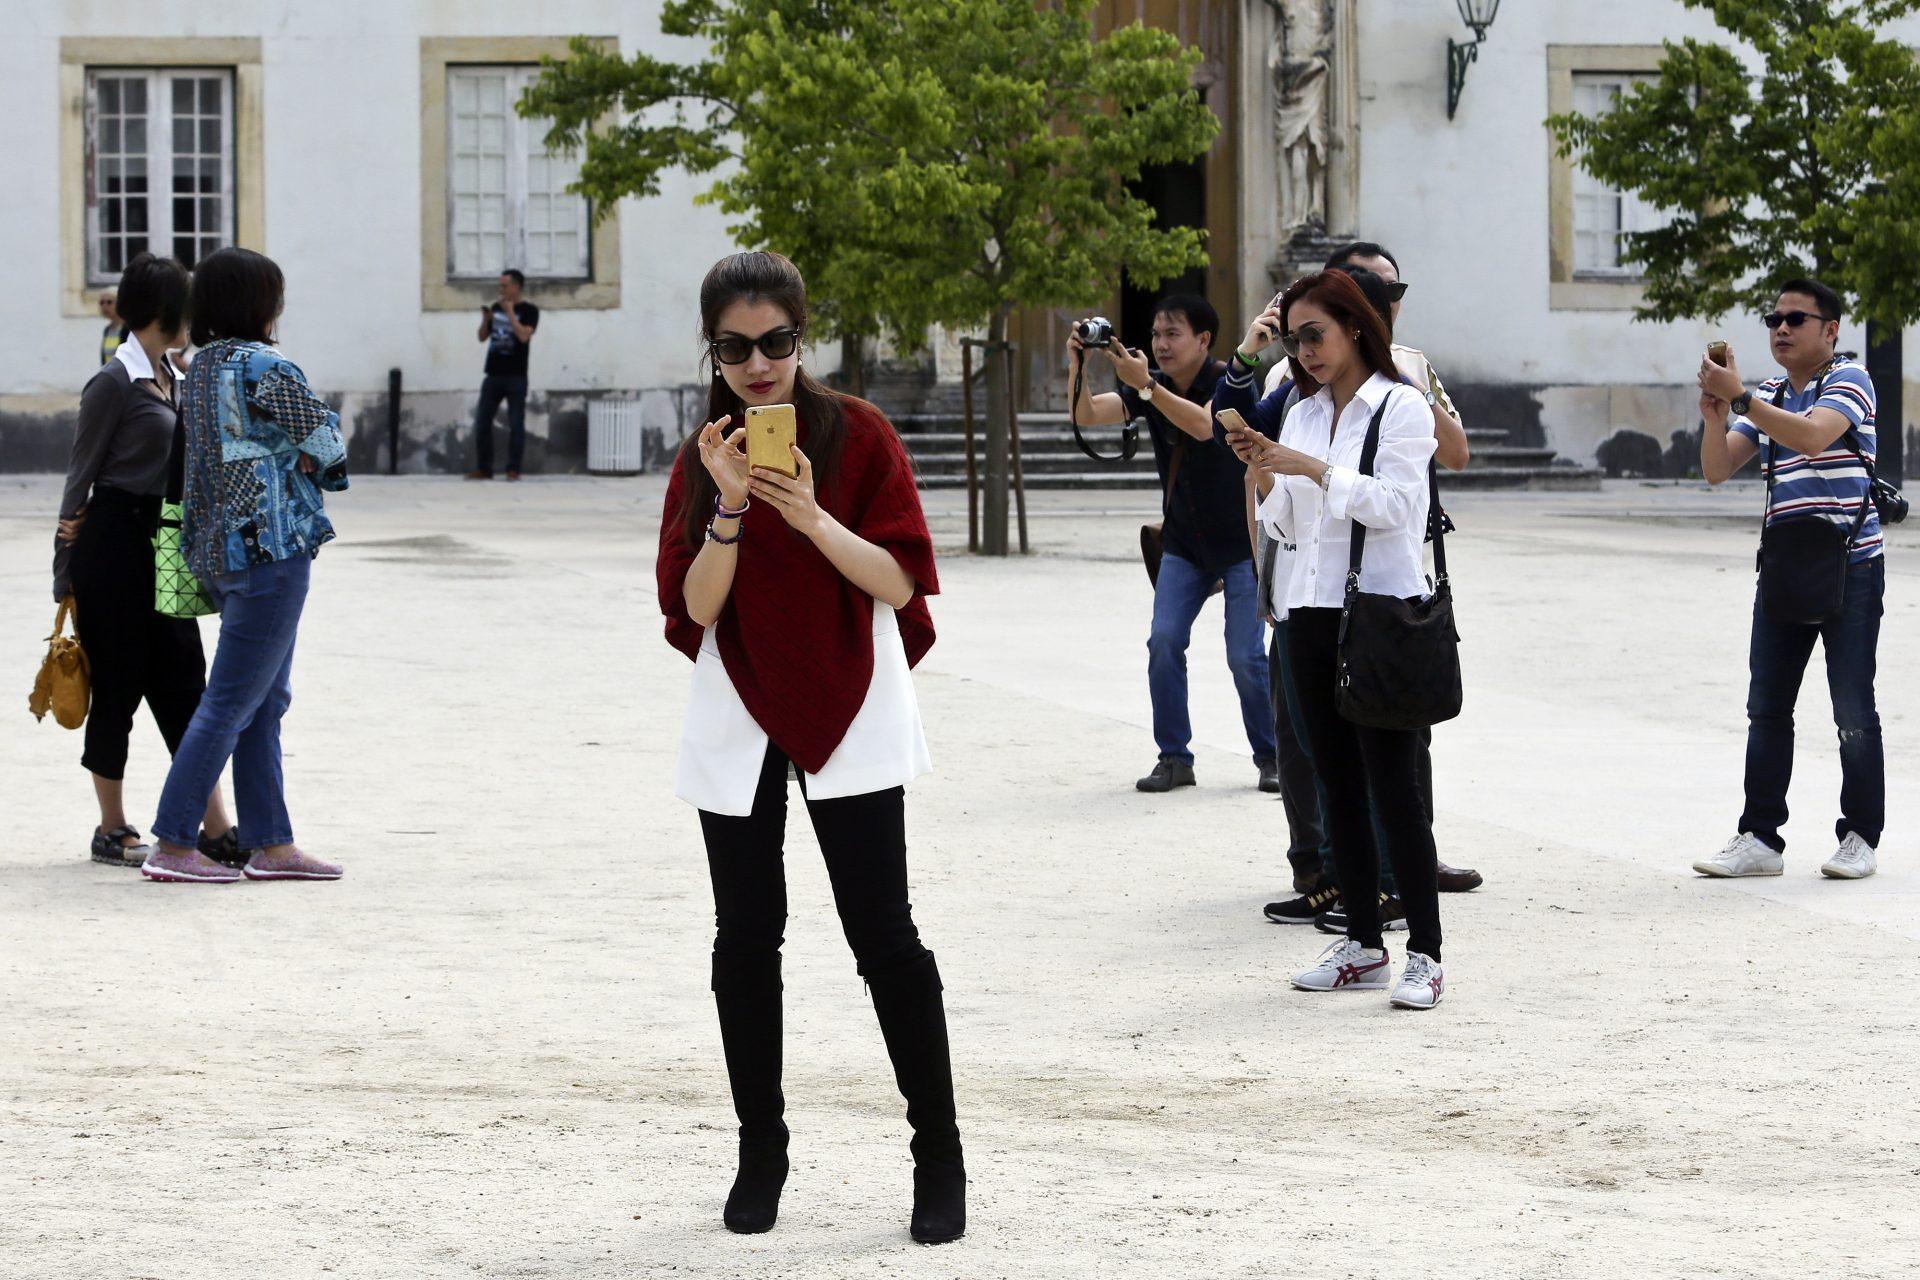 Turistas asiáticos visitam a Universidade de Coimbra, 21 de junho de 2015. Desde a classificação como Património Mundial, que os turistas na Universidade de Coimbra têm vindo a crescer, entre eles os asiáticos, que já suplantaram o número de visitantes portugueses, quando se retiram às contas as visitas escolares.   PAULO NOVAIS/LUSA